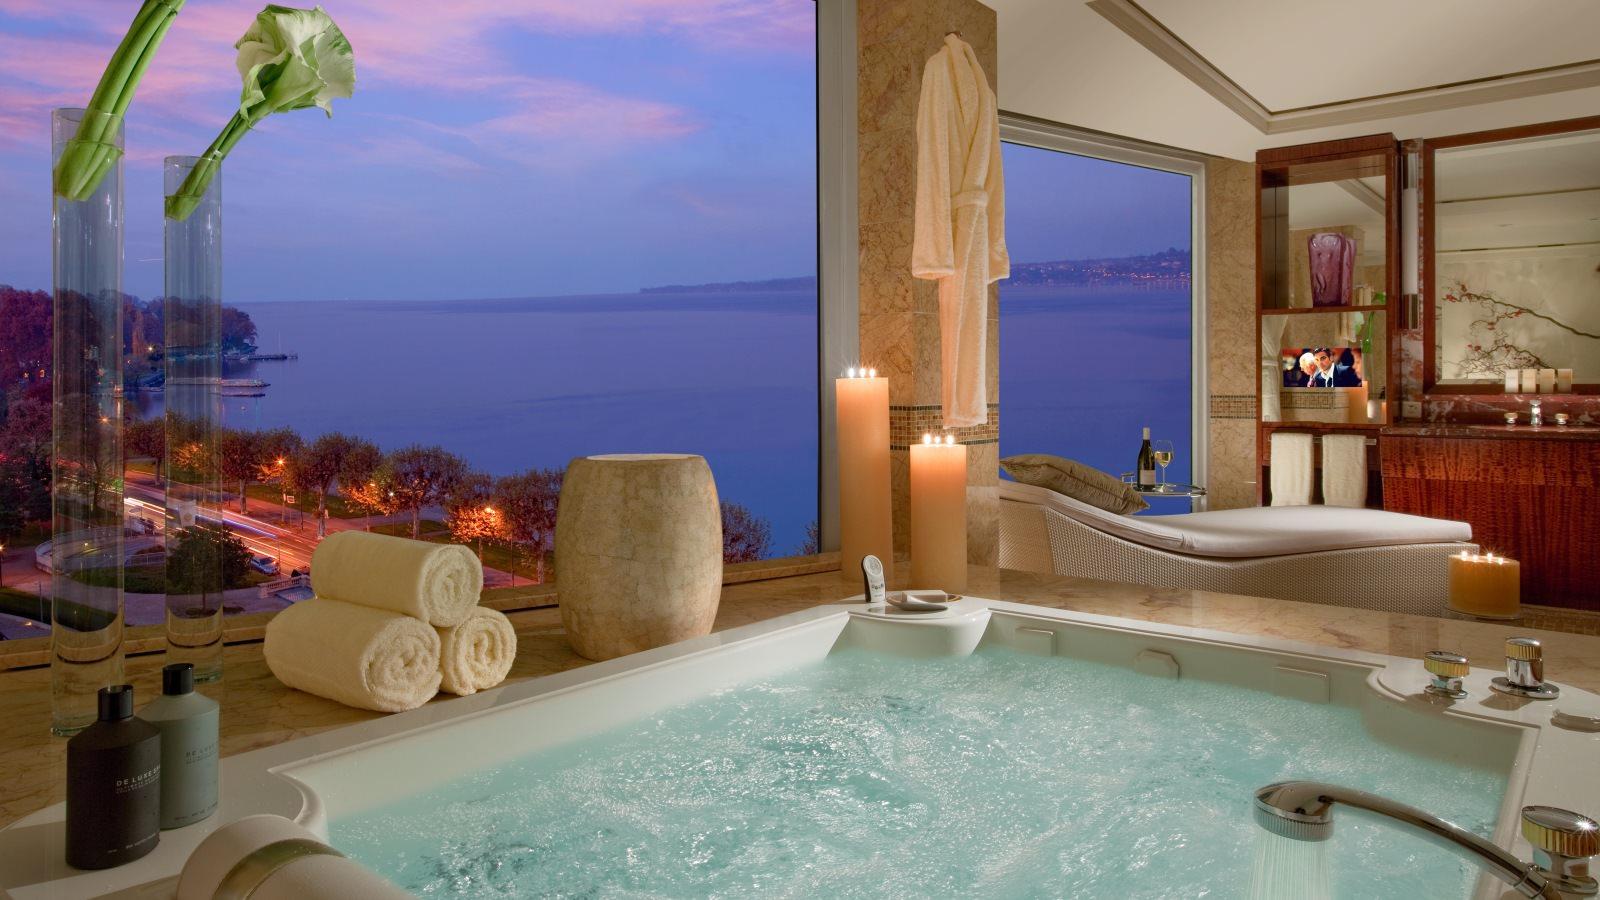 Passar uma noite nesta suite custa mais de 68.000 euros